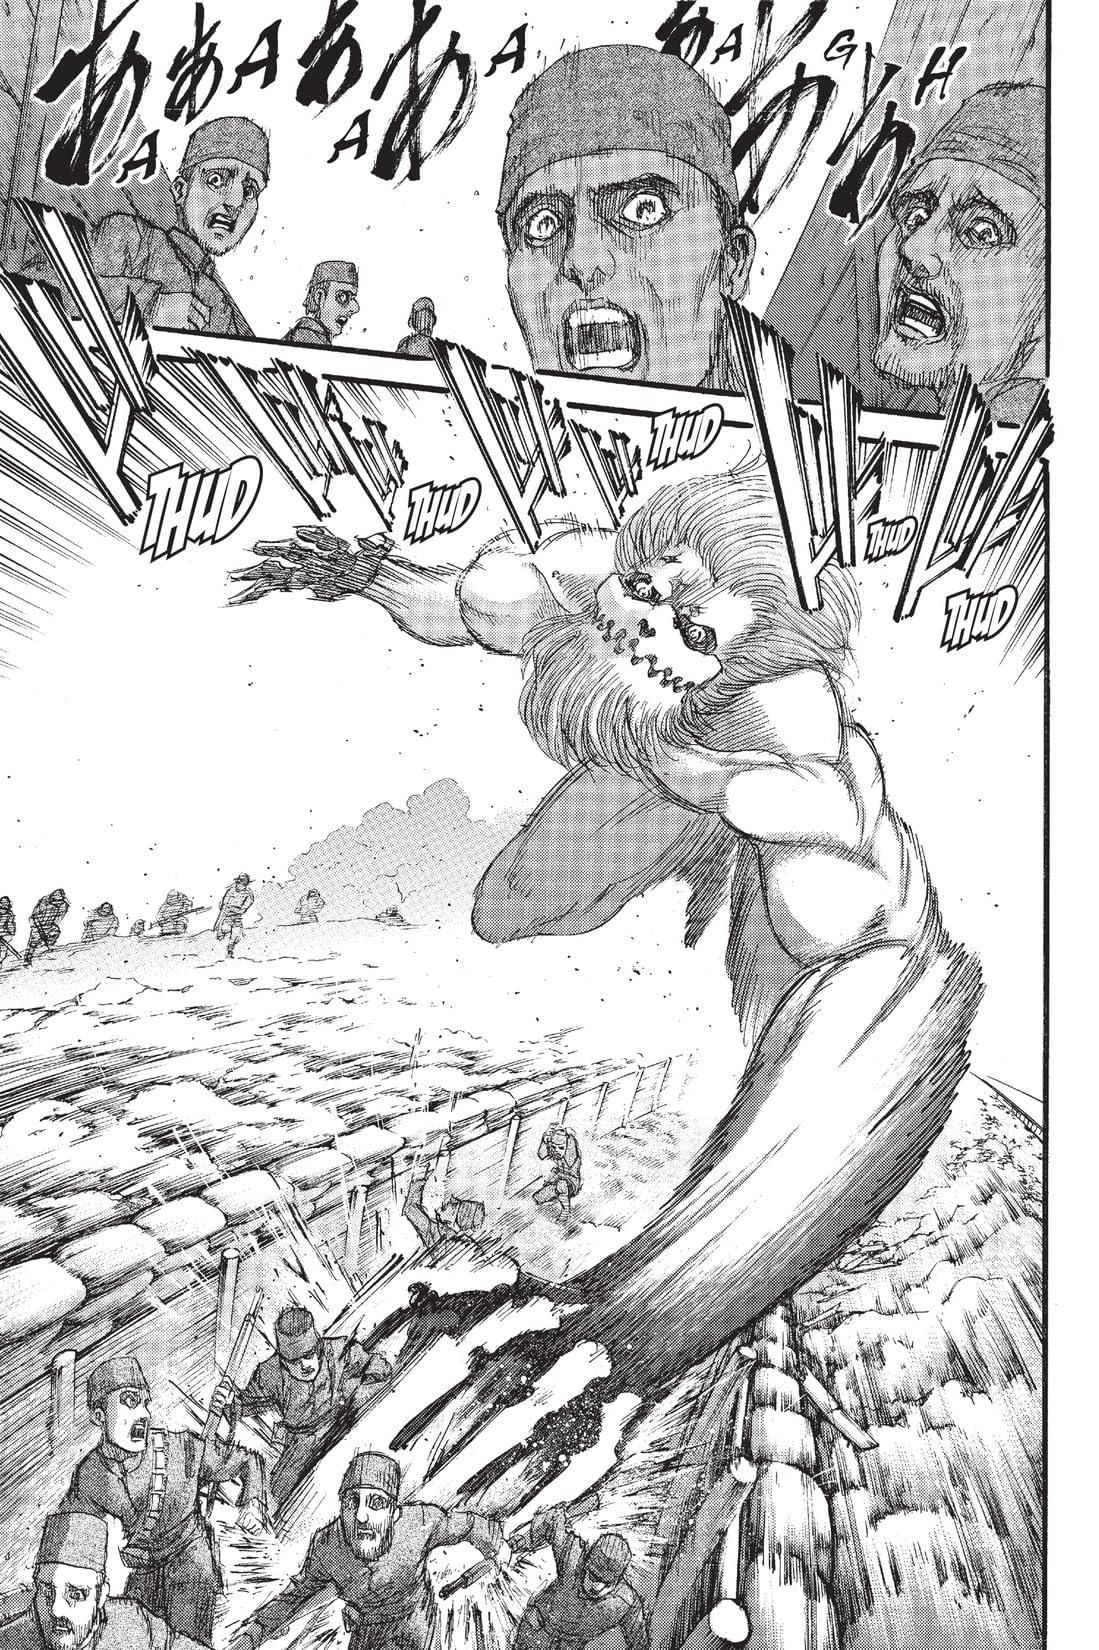 Attack on Titan #92